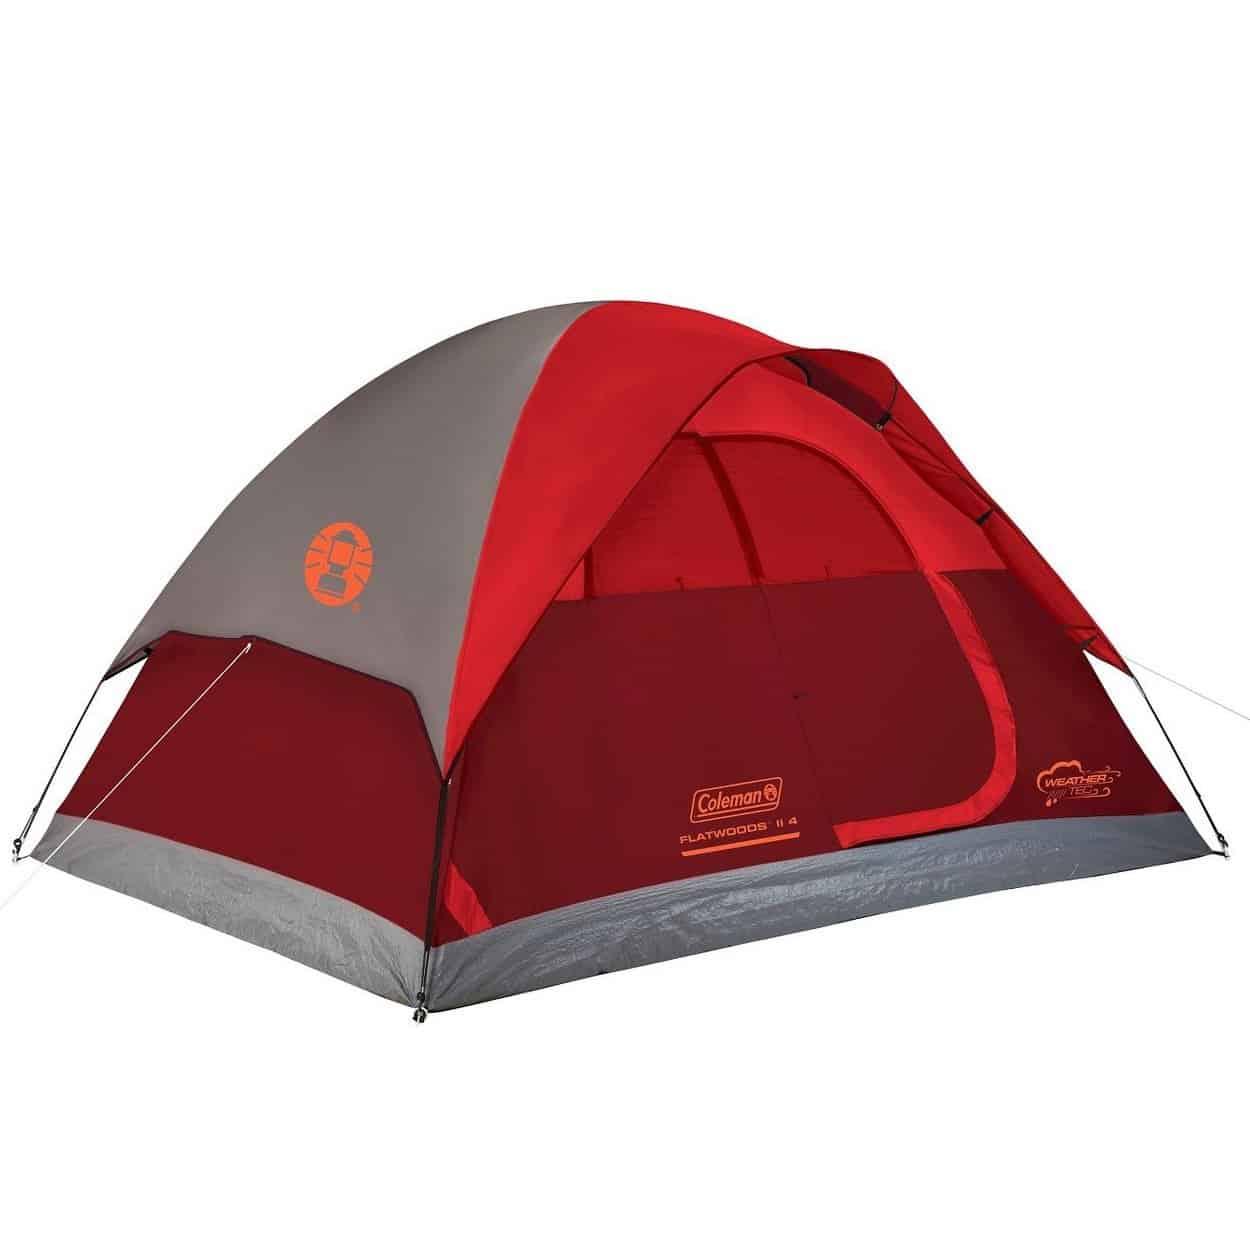 Coleman Flatwoods Tent